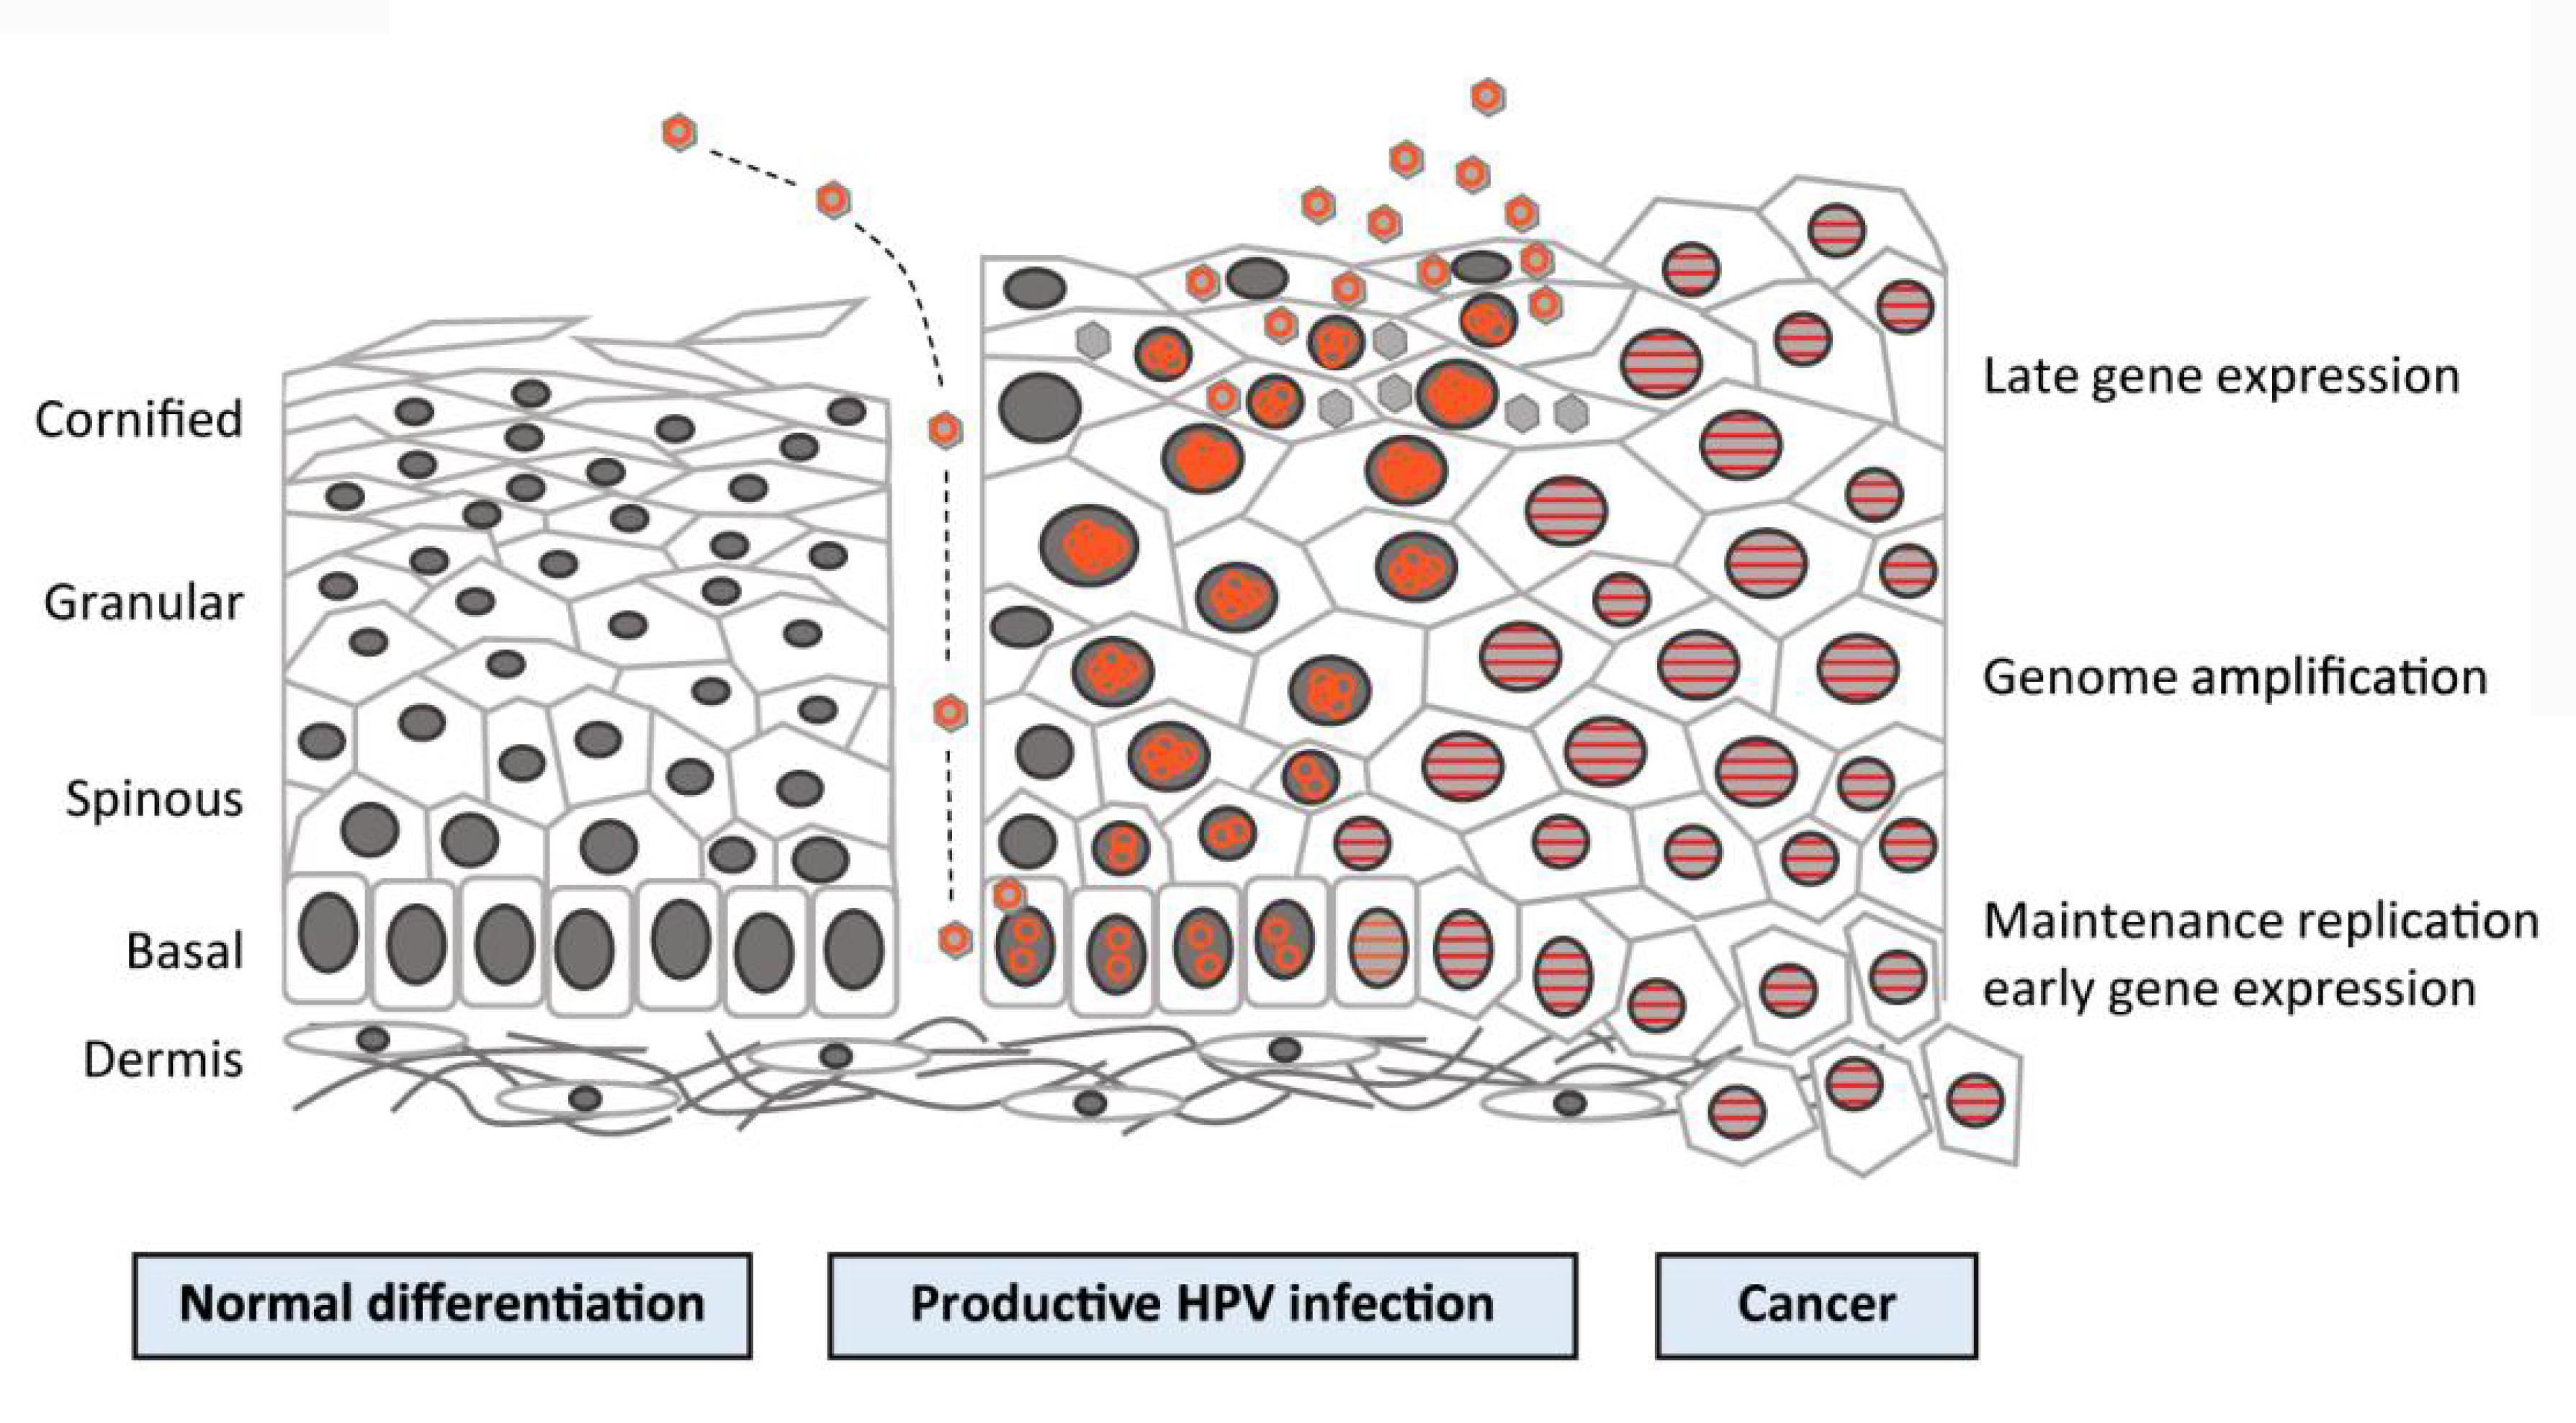 synlab: Predispozitia ereditara pentru cancerul de san, ovar si endometru